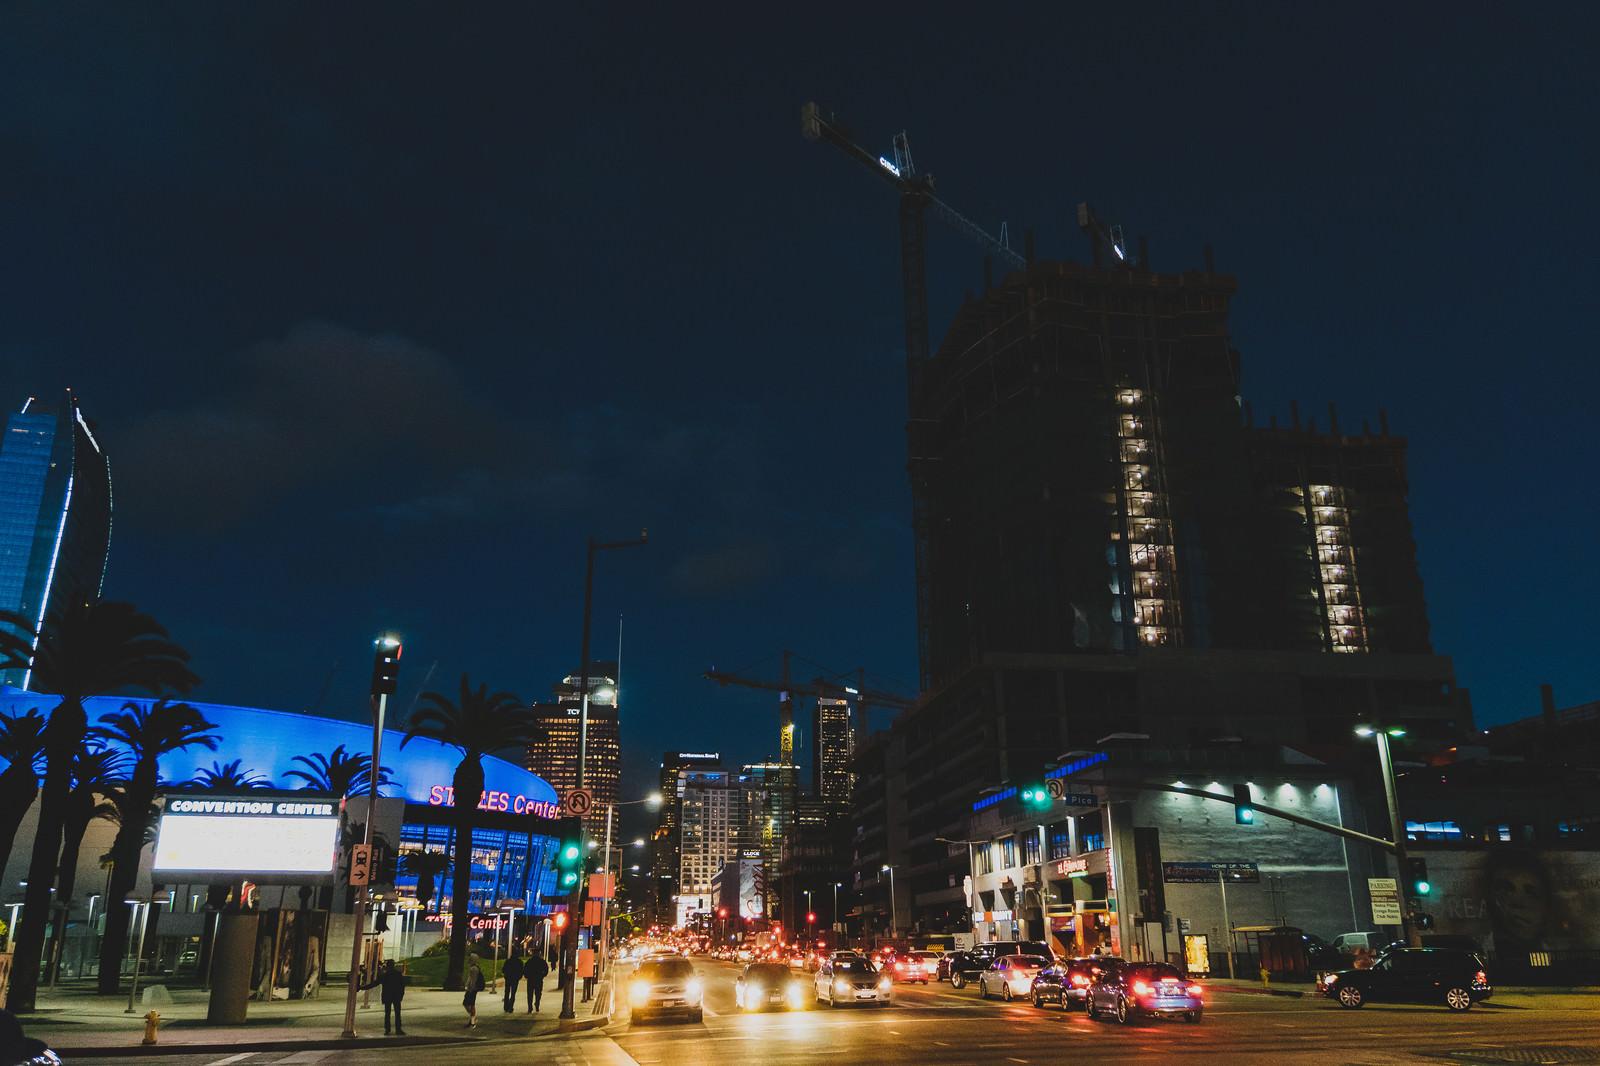 「LosAngelesConventionCenter前(夜間)」の写真